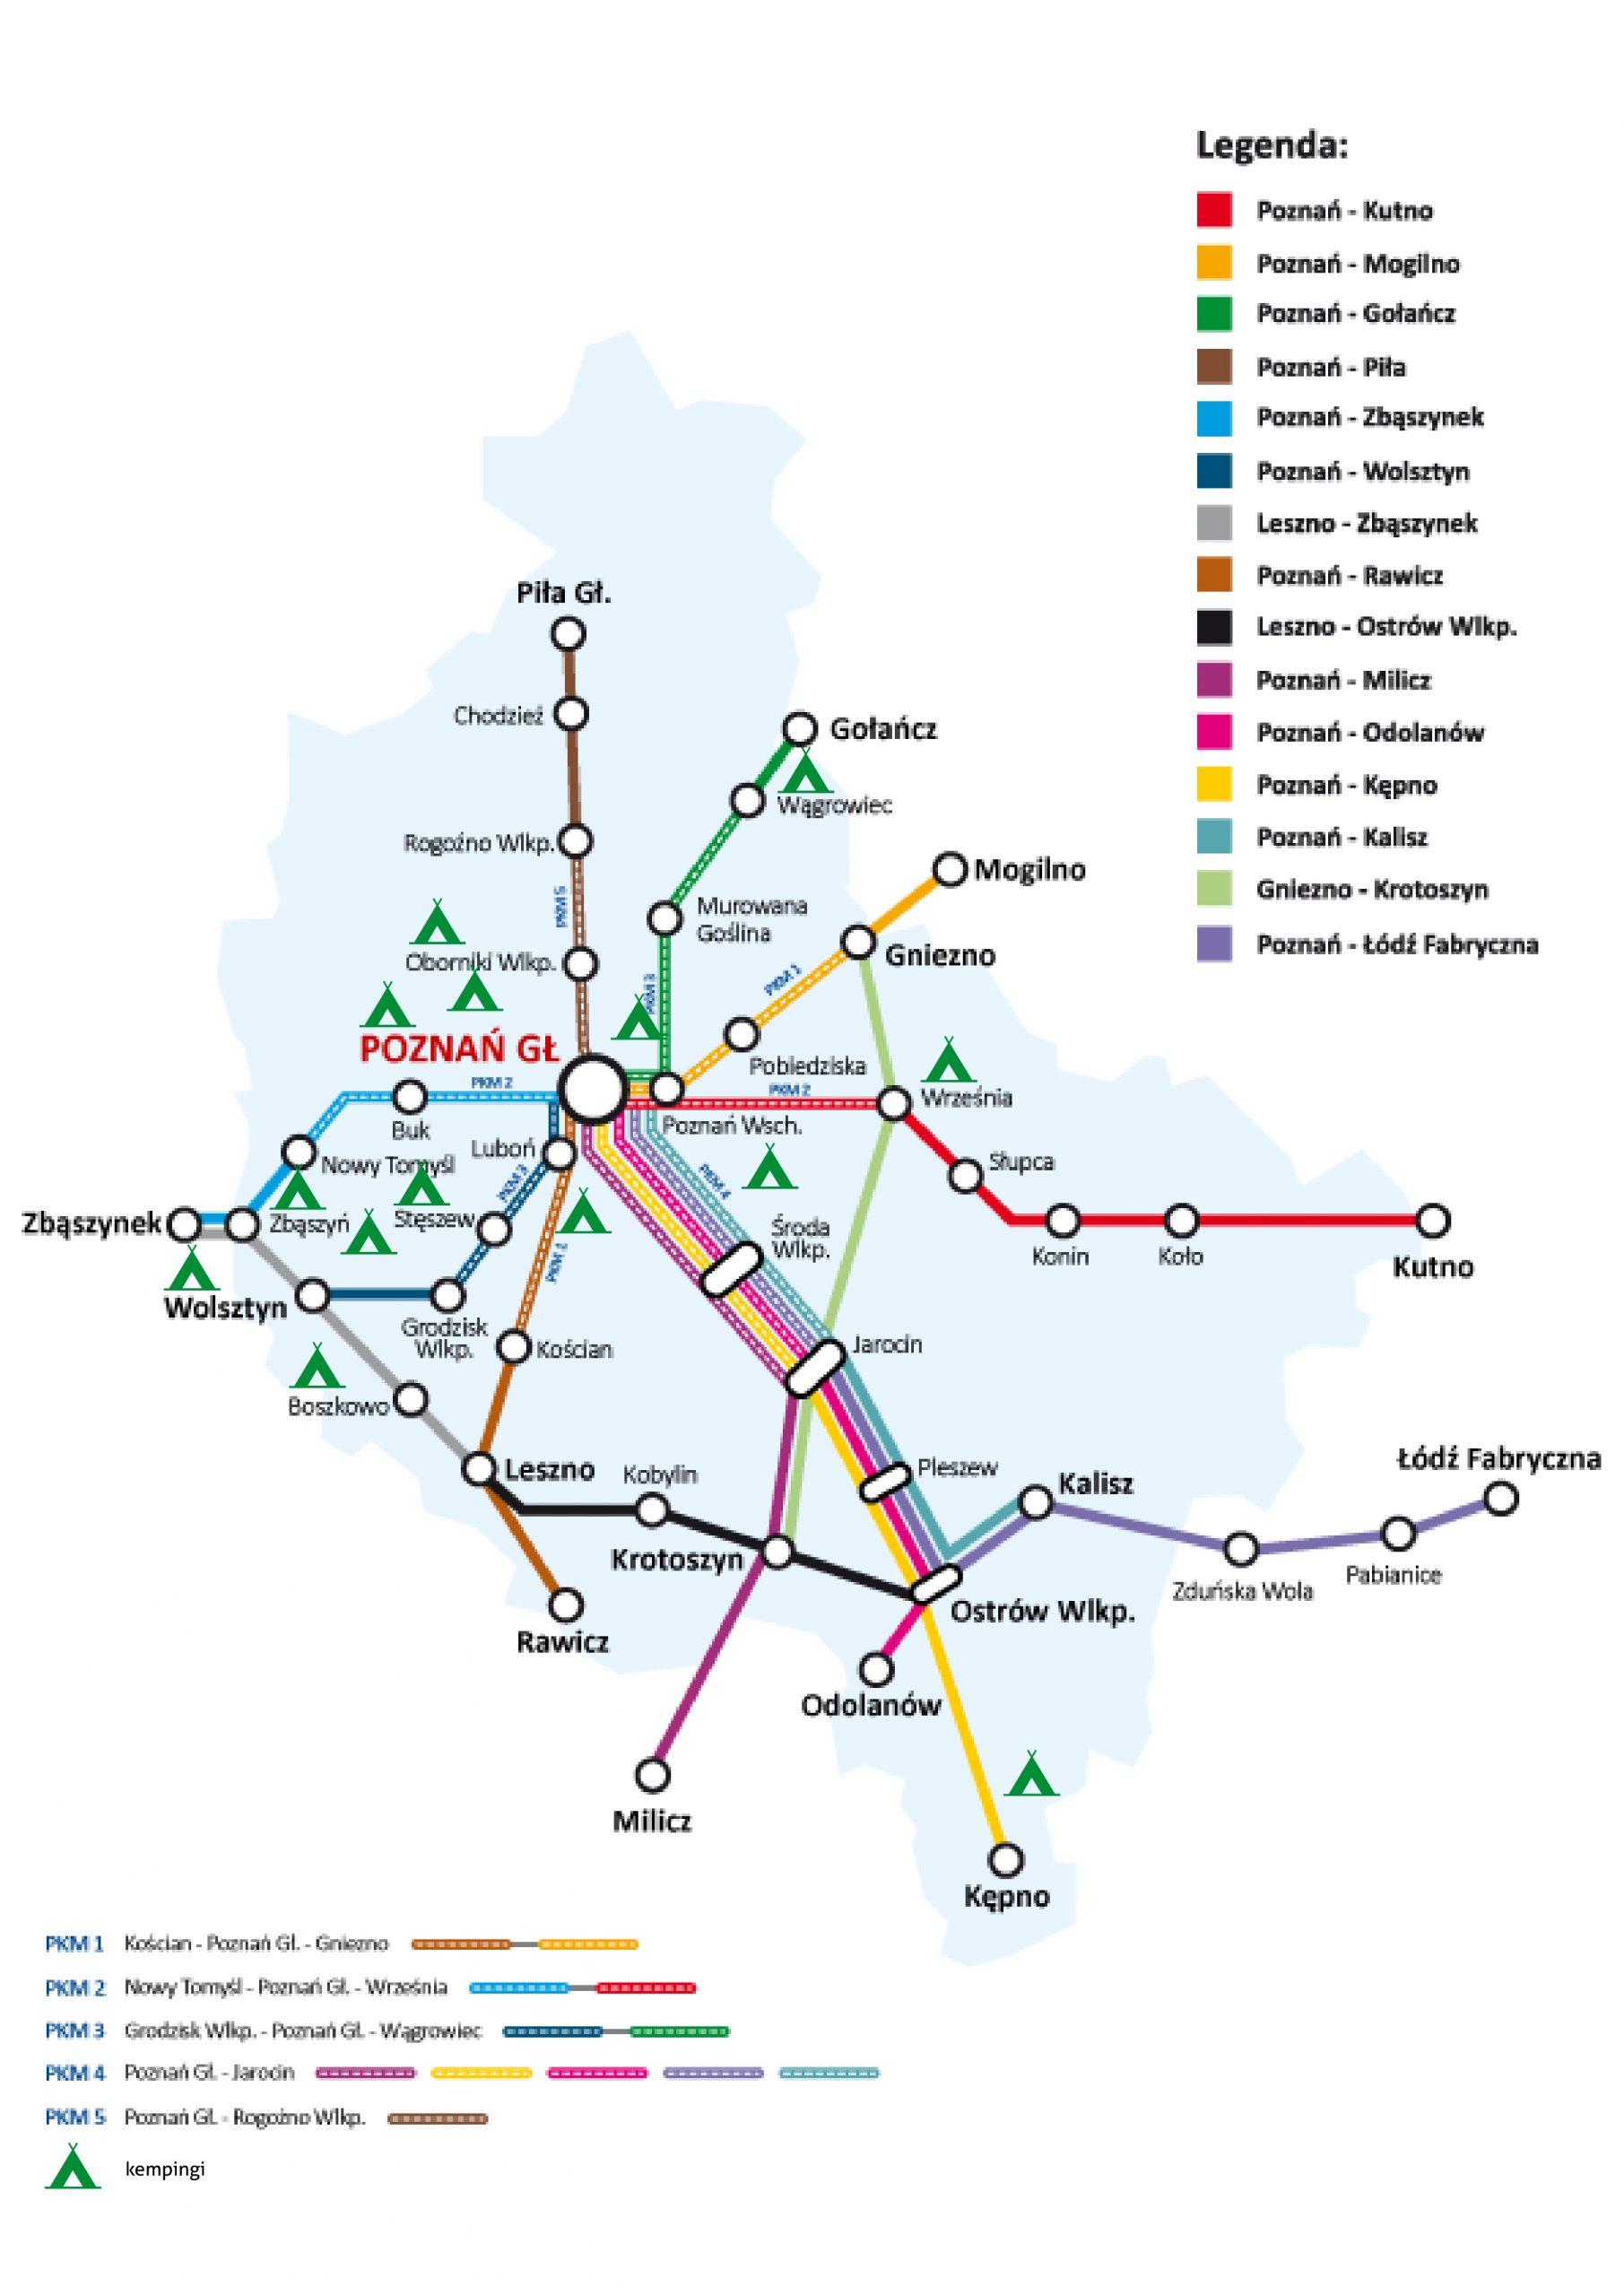 Mapa połączeń KW z zaznaczonymi miejscami kempingowymi